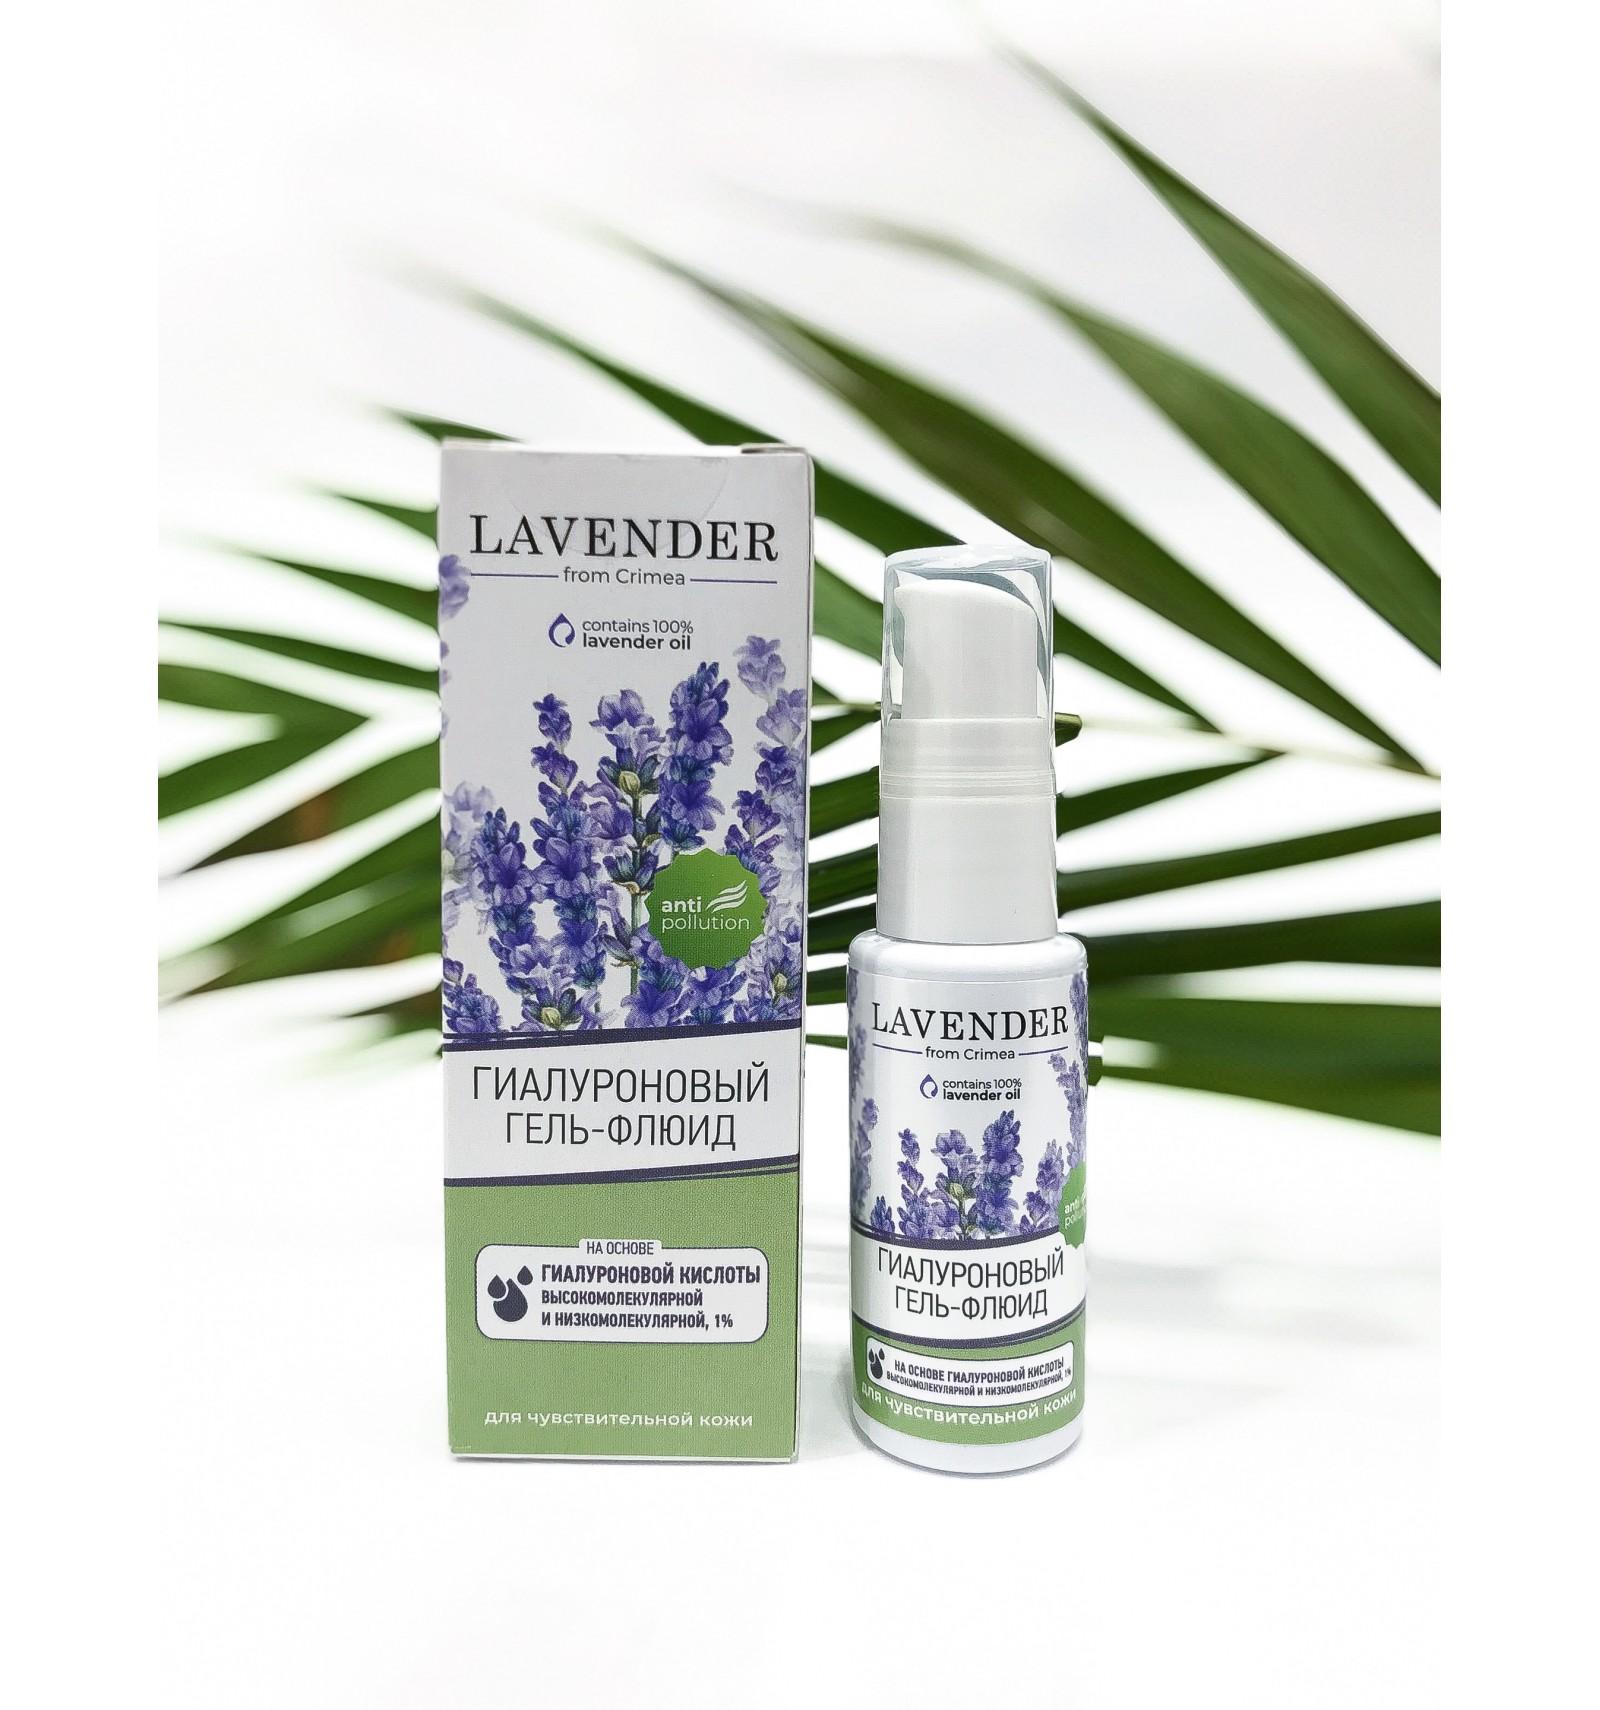 LAVENDER Гиалуроновый гель-флюид для чувствительной кожи 30 мл.